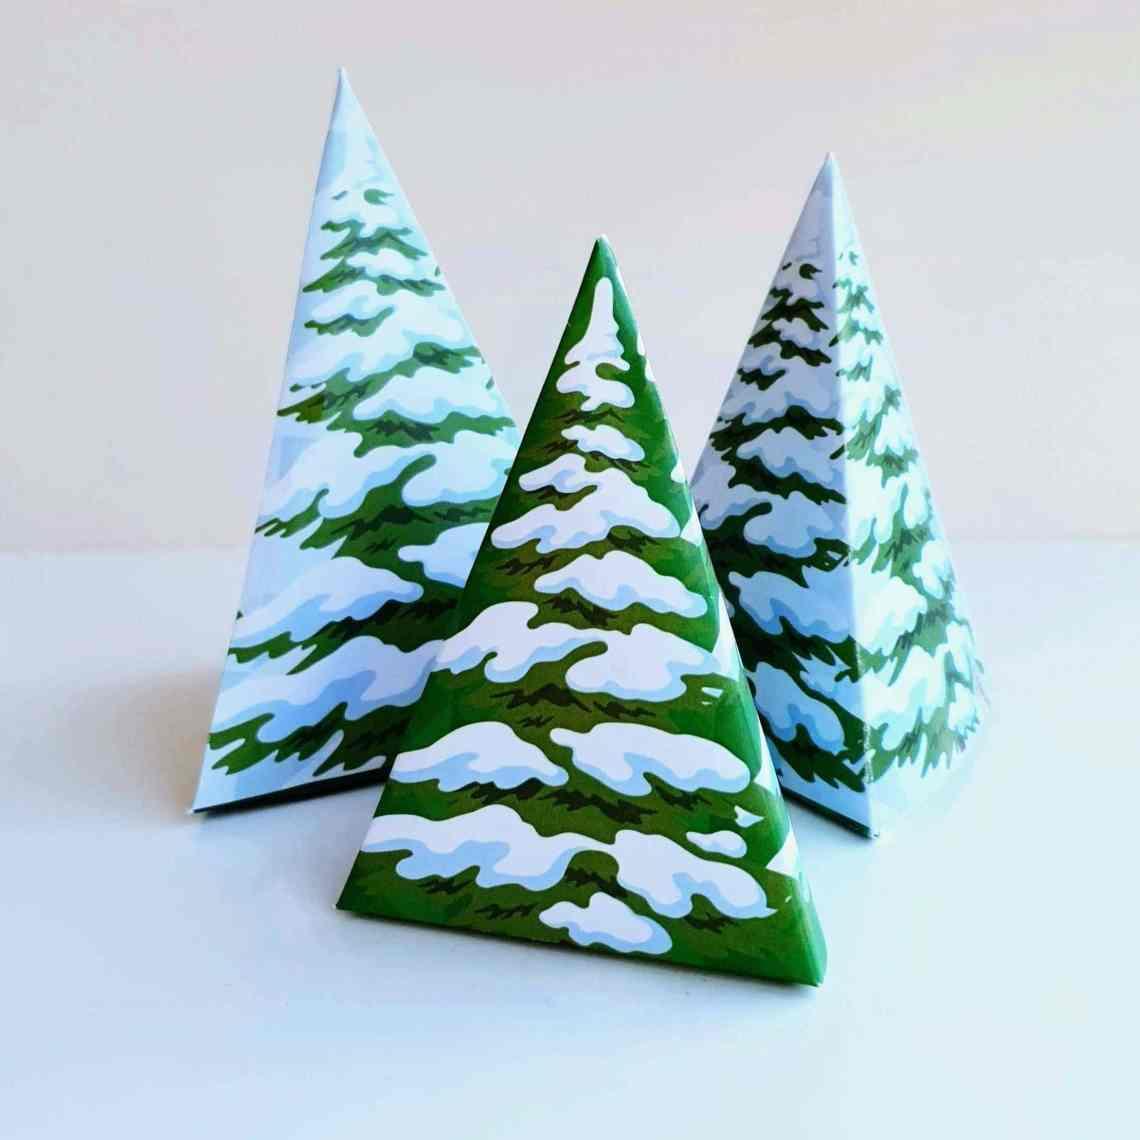 Juletræer - som gaveæsker eller dekoration. Gaveæsker til jul, fødselsdag og andre festlige lejligheder. Giv gaven til den du holder af, i en hjemmelavet gaveæske. Gratis print, opskrifter og inspiration til årets gang på danishthings.com.